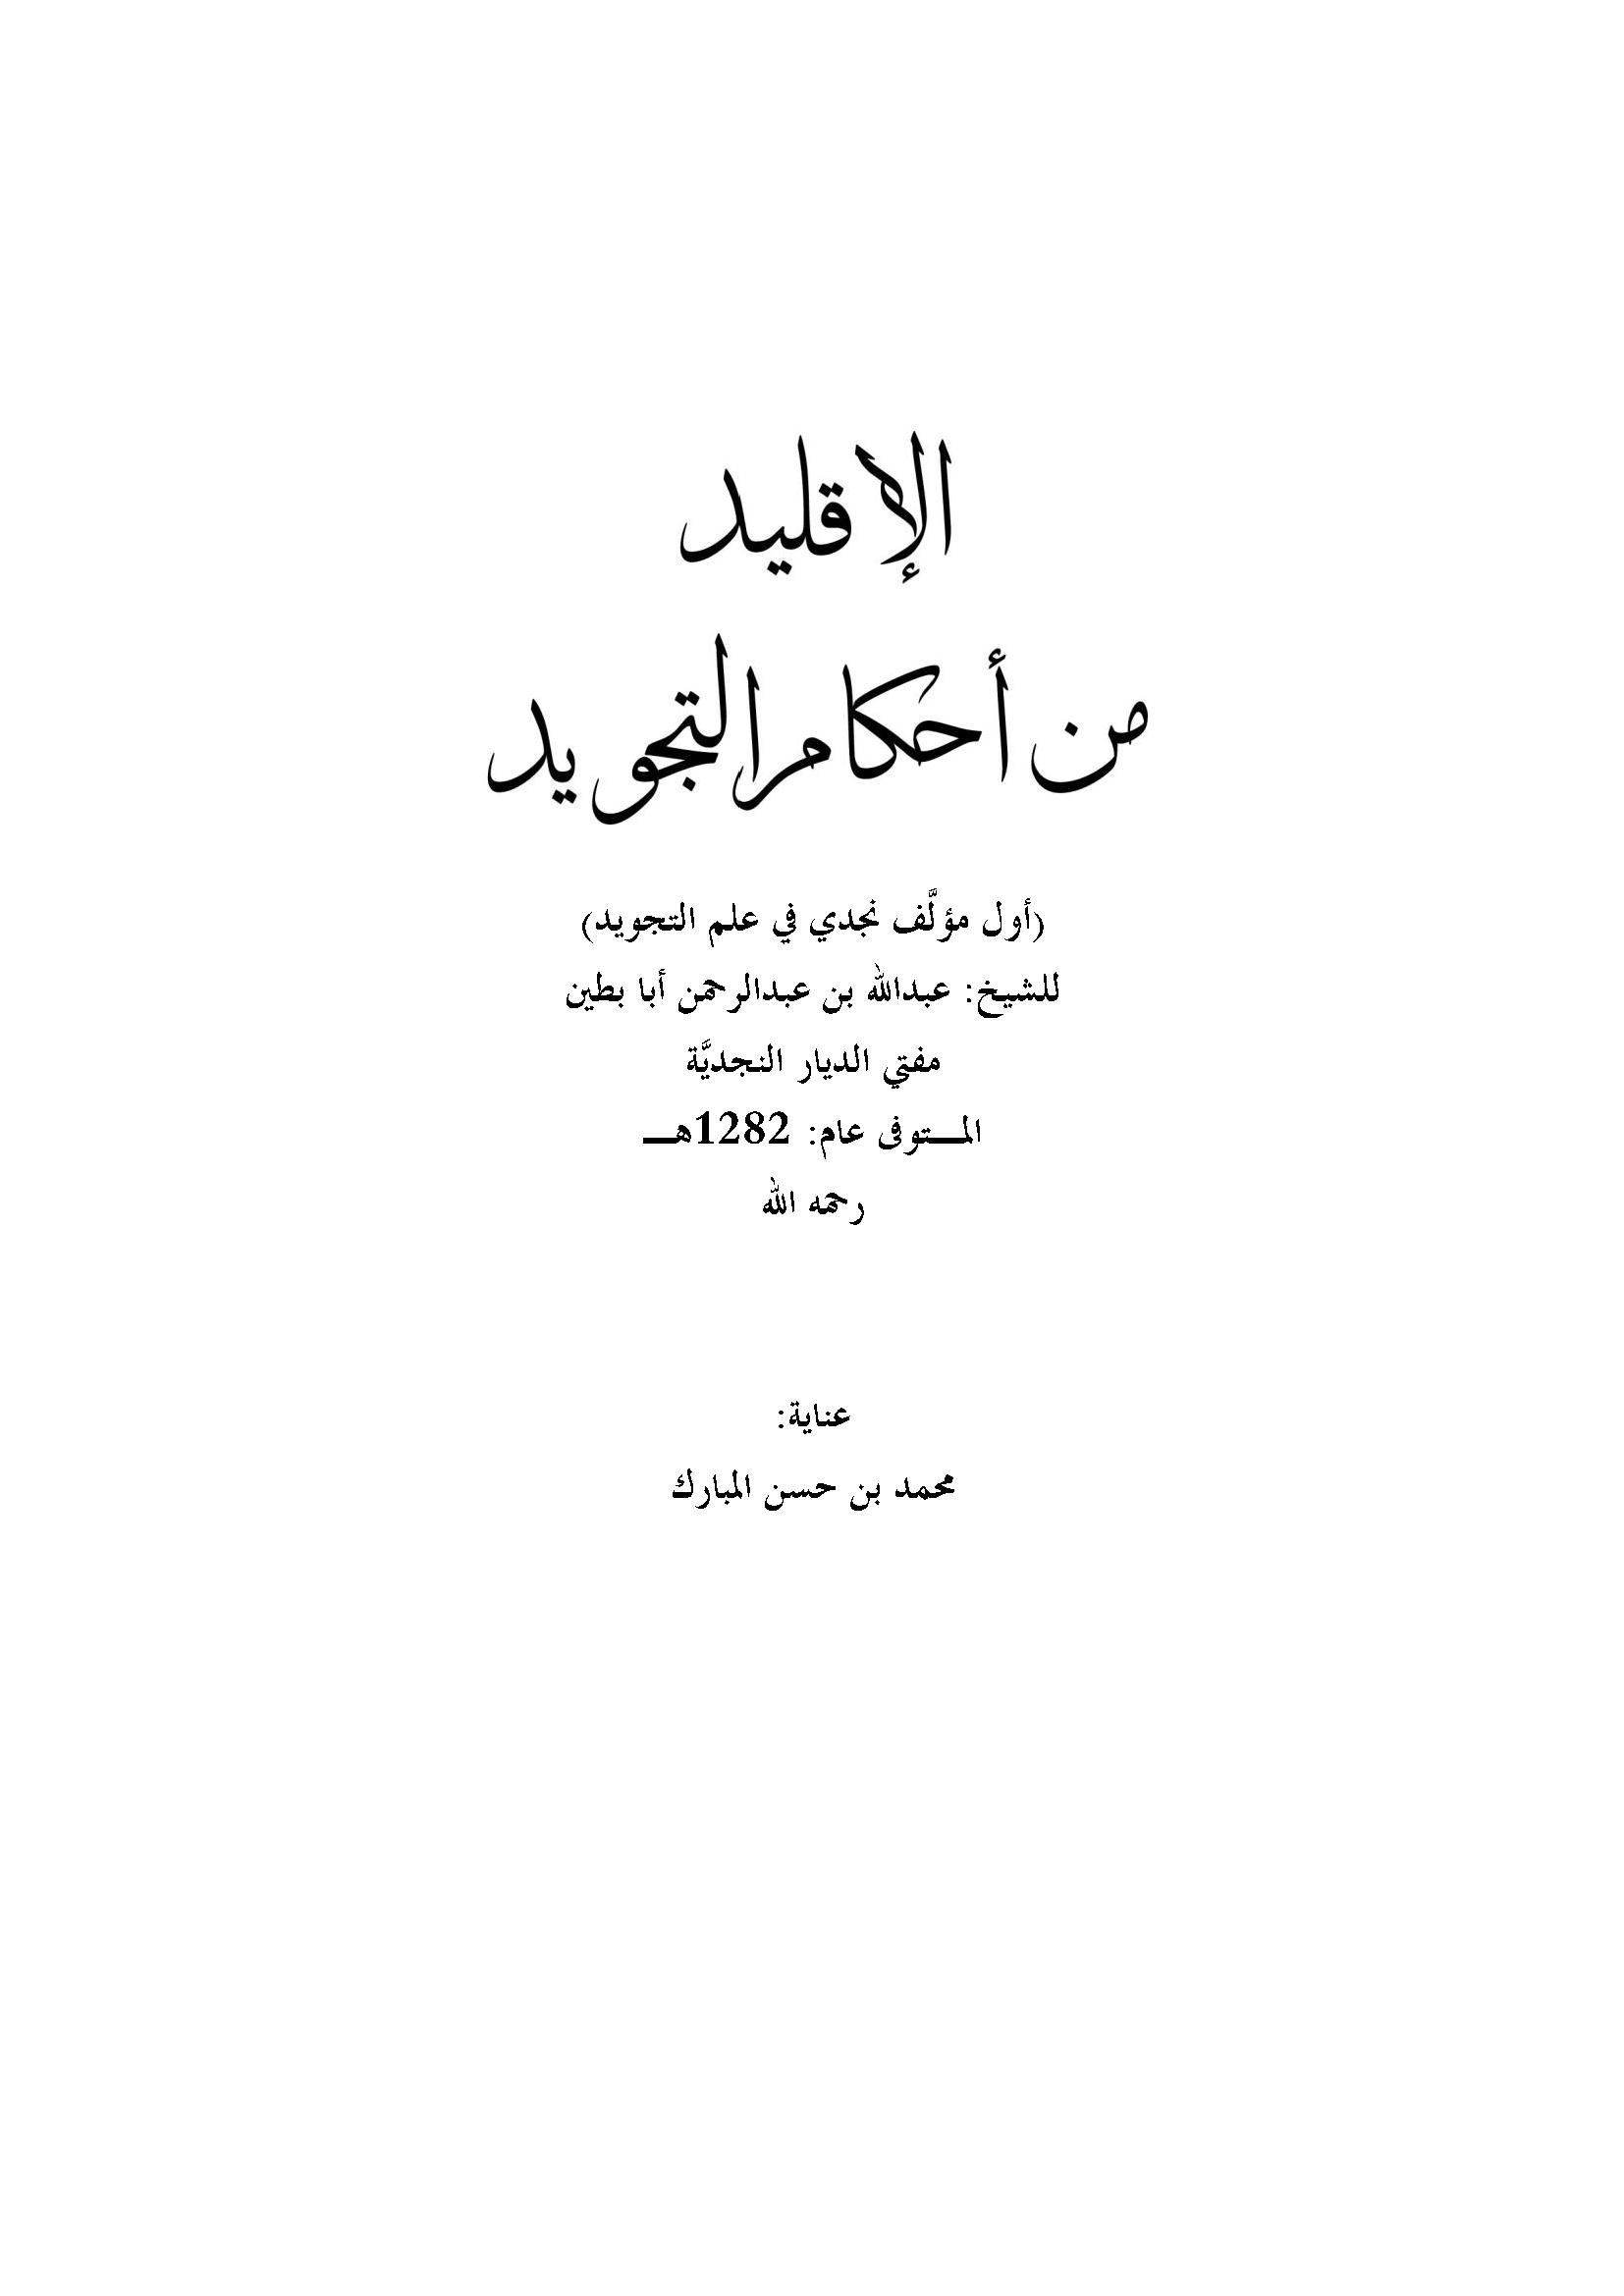 تحميل كتاب الإقليد من أحكام التجويد (أول مؤلف نجدي في علم التجويد) لـِ: الشيخ عبد الله بن عبد الرحمن بن عبد العزيز، الملقب أبا بطين (ت 1282)